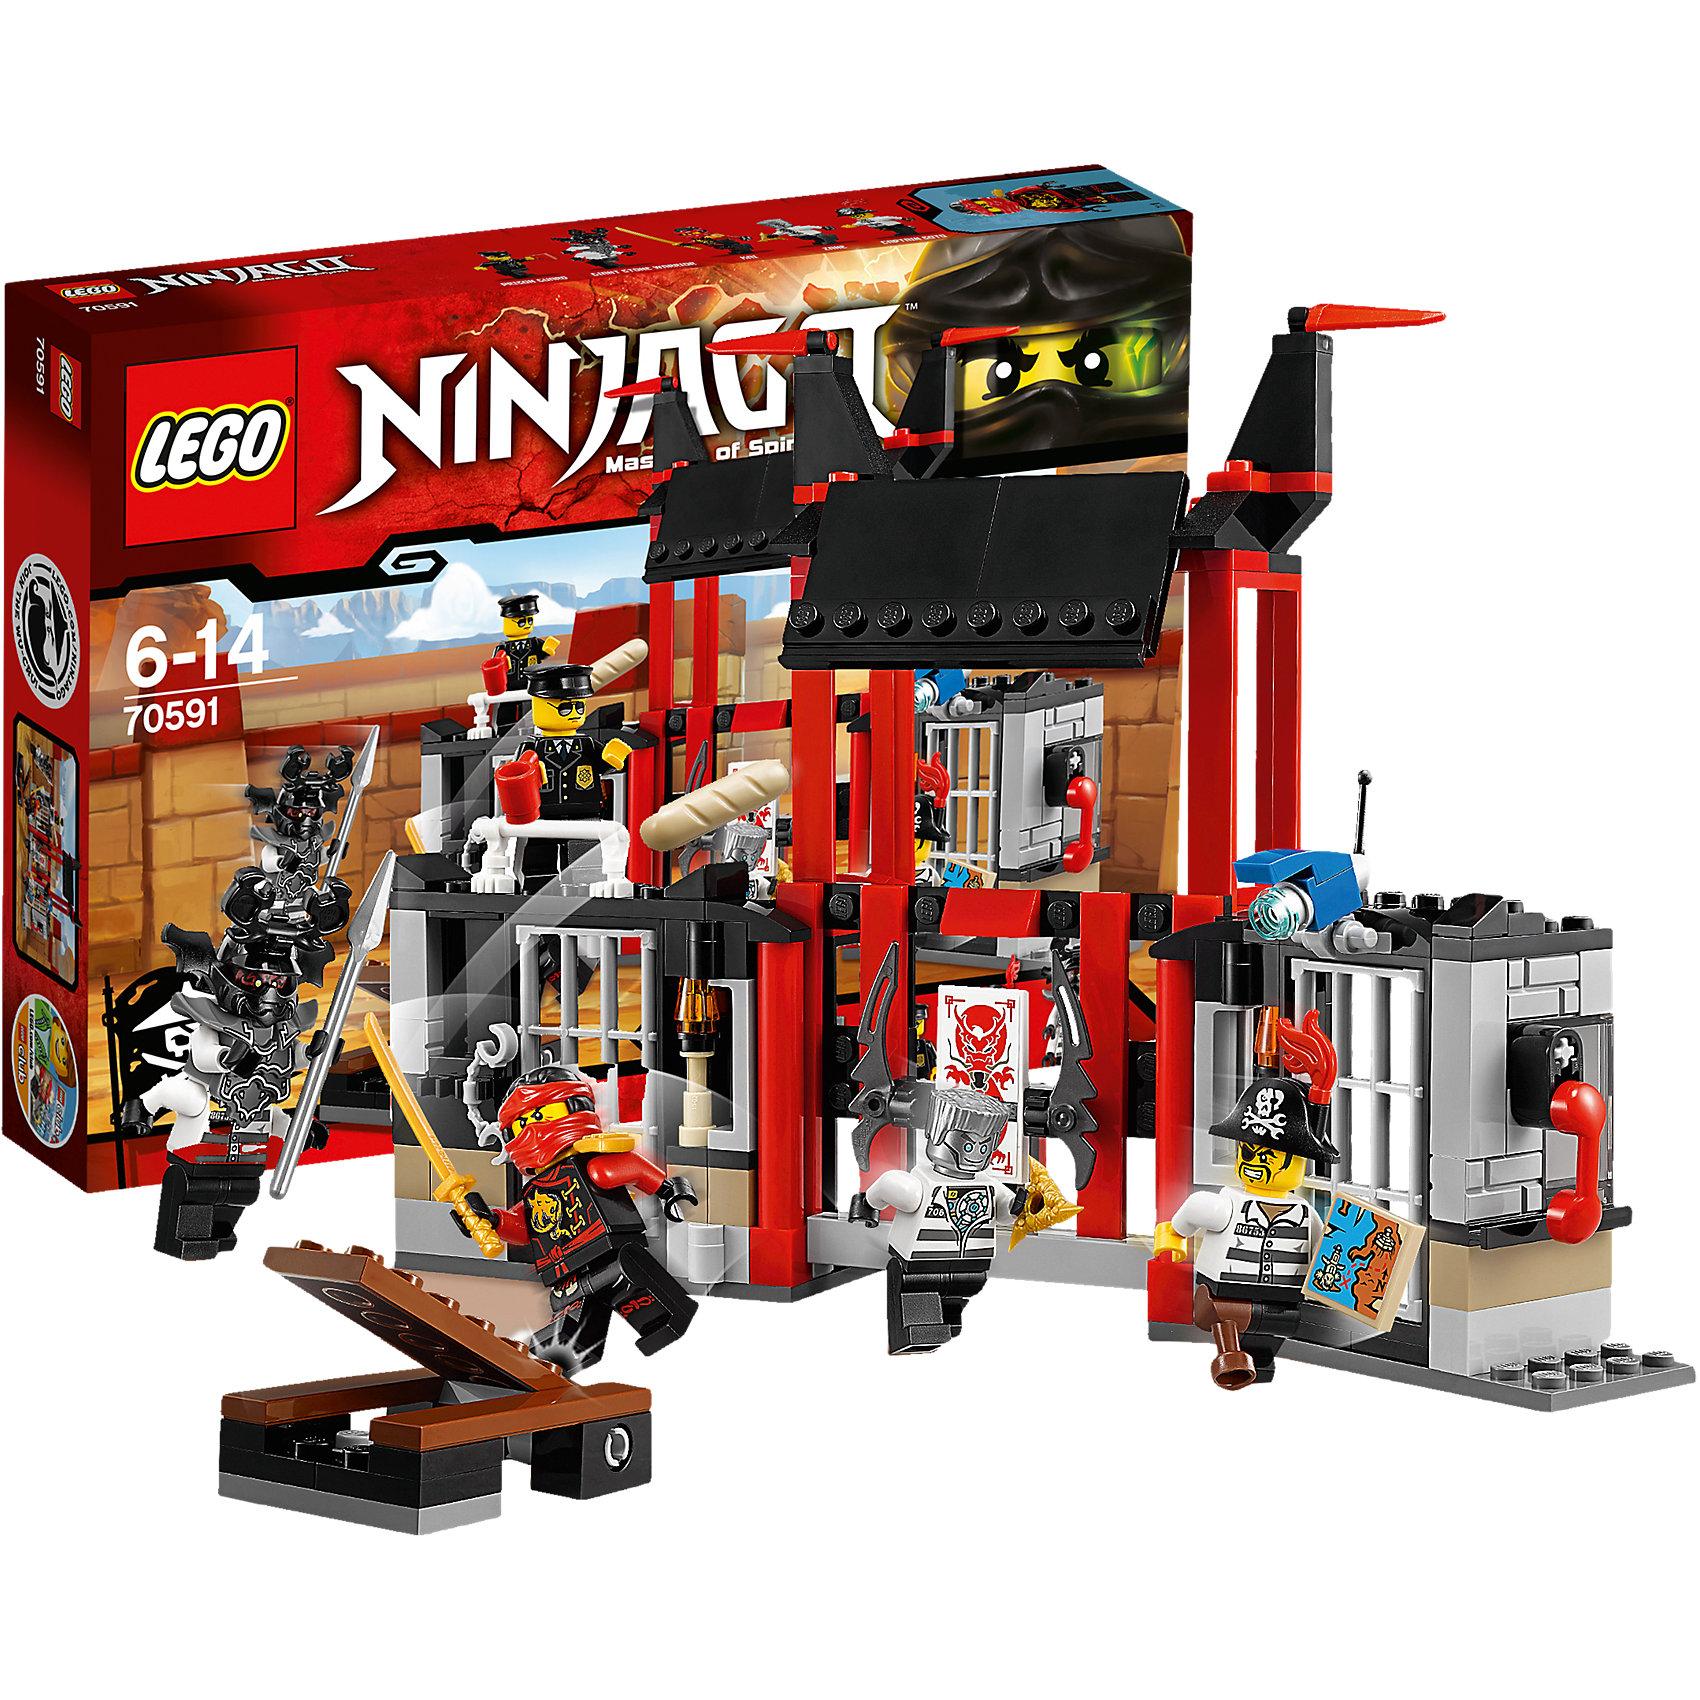 LEGO NINJAGO 70591: Побег из тюрьмы КриптариумПриключения и конструкторы обожает множество современных мальчишек, поэтому набор Лего, из которого можно собрать интересный сюжет, обязательно порадует ребенка. Такие игрушки помогают детям развивать воображение, мелкую моторику, логику и творческое мышление.<br>Набор состоит из множества деталей, с помощью которых можно  собрать декорации для игр, а также в нем есть фигурки любимых персонажей! С таким комплектом можно придумать множество игр!<br><br>Дополнительная информация:<br><br>цвет: разноцветный;<br>размер коробки: 26 х 5 х 19 см;<br>вес: 317 г;<br>материал: пластик;<br>количество деталей: 207.<br><br>Набор Побег из тюрьмы Криптариум от бренда LEGO NINJAGO можно купить в нашем магазине.<br><br>Ширина мм: 264<br>Глубина мм: 190<br>Высота мм: 48<br>Вес г: 346<br>Возраст от месяцев: 72<br>Возраст до месяцев: 168<br>Пол: Мужской<br>Возраст: Детский<br>SKU: 4641242